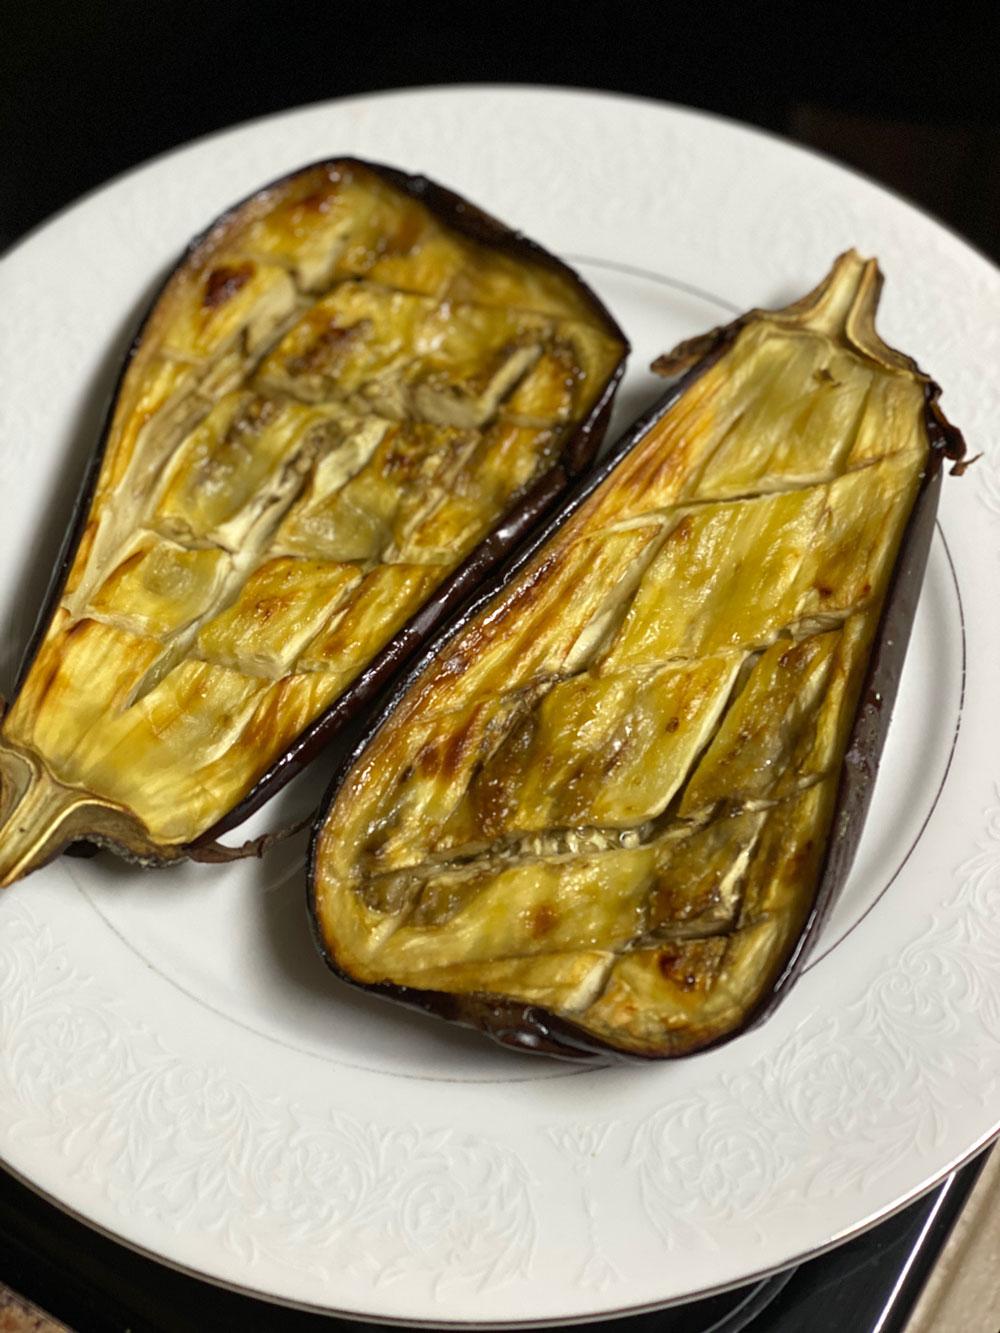 eggplant-tahini-israeli-tlv